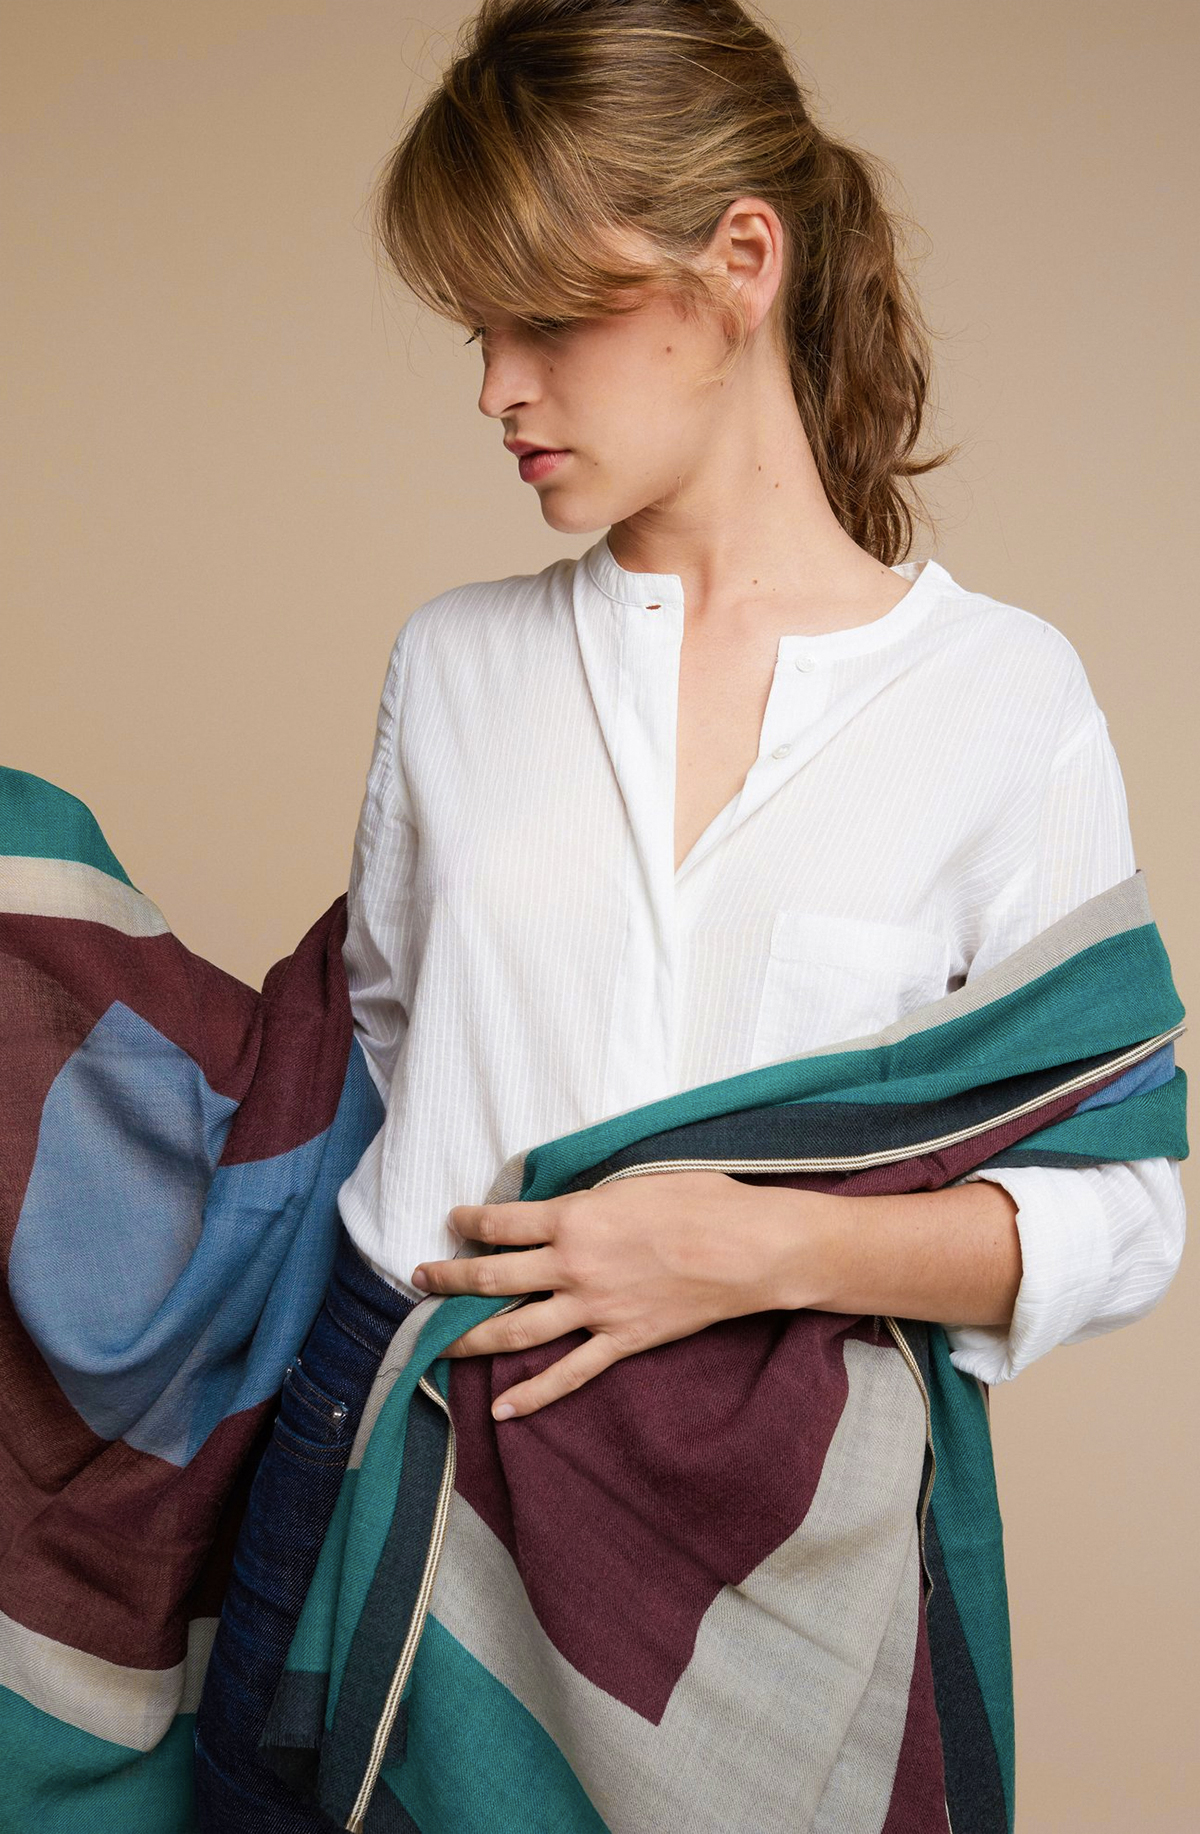 そのまま肩に羽織ると実におしゃれ。カバー代わりに、家のソファやベッドに掛けたりしても素敵な「ストール・マフラー」|MOISMONT(モワモン)